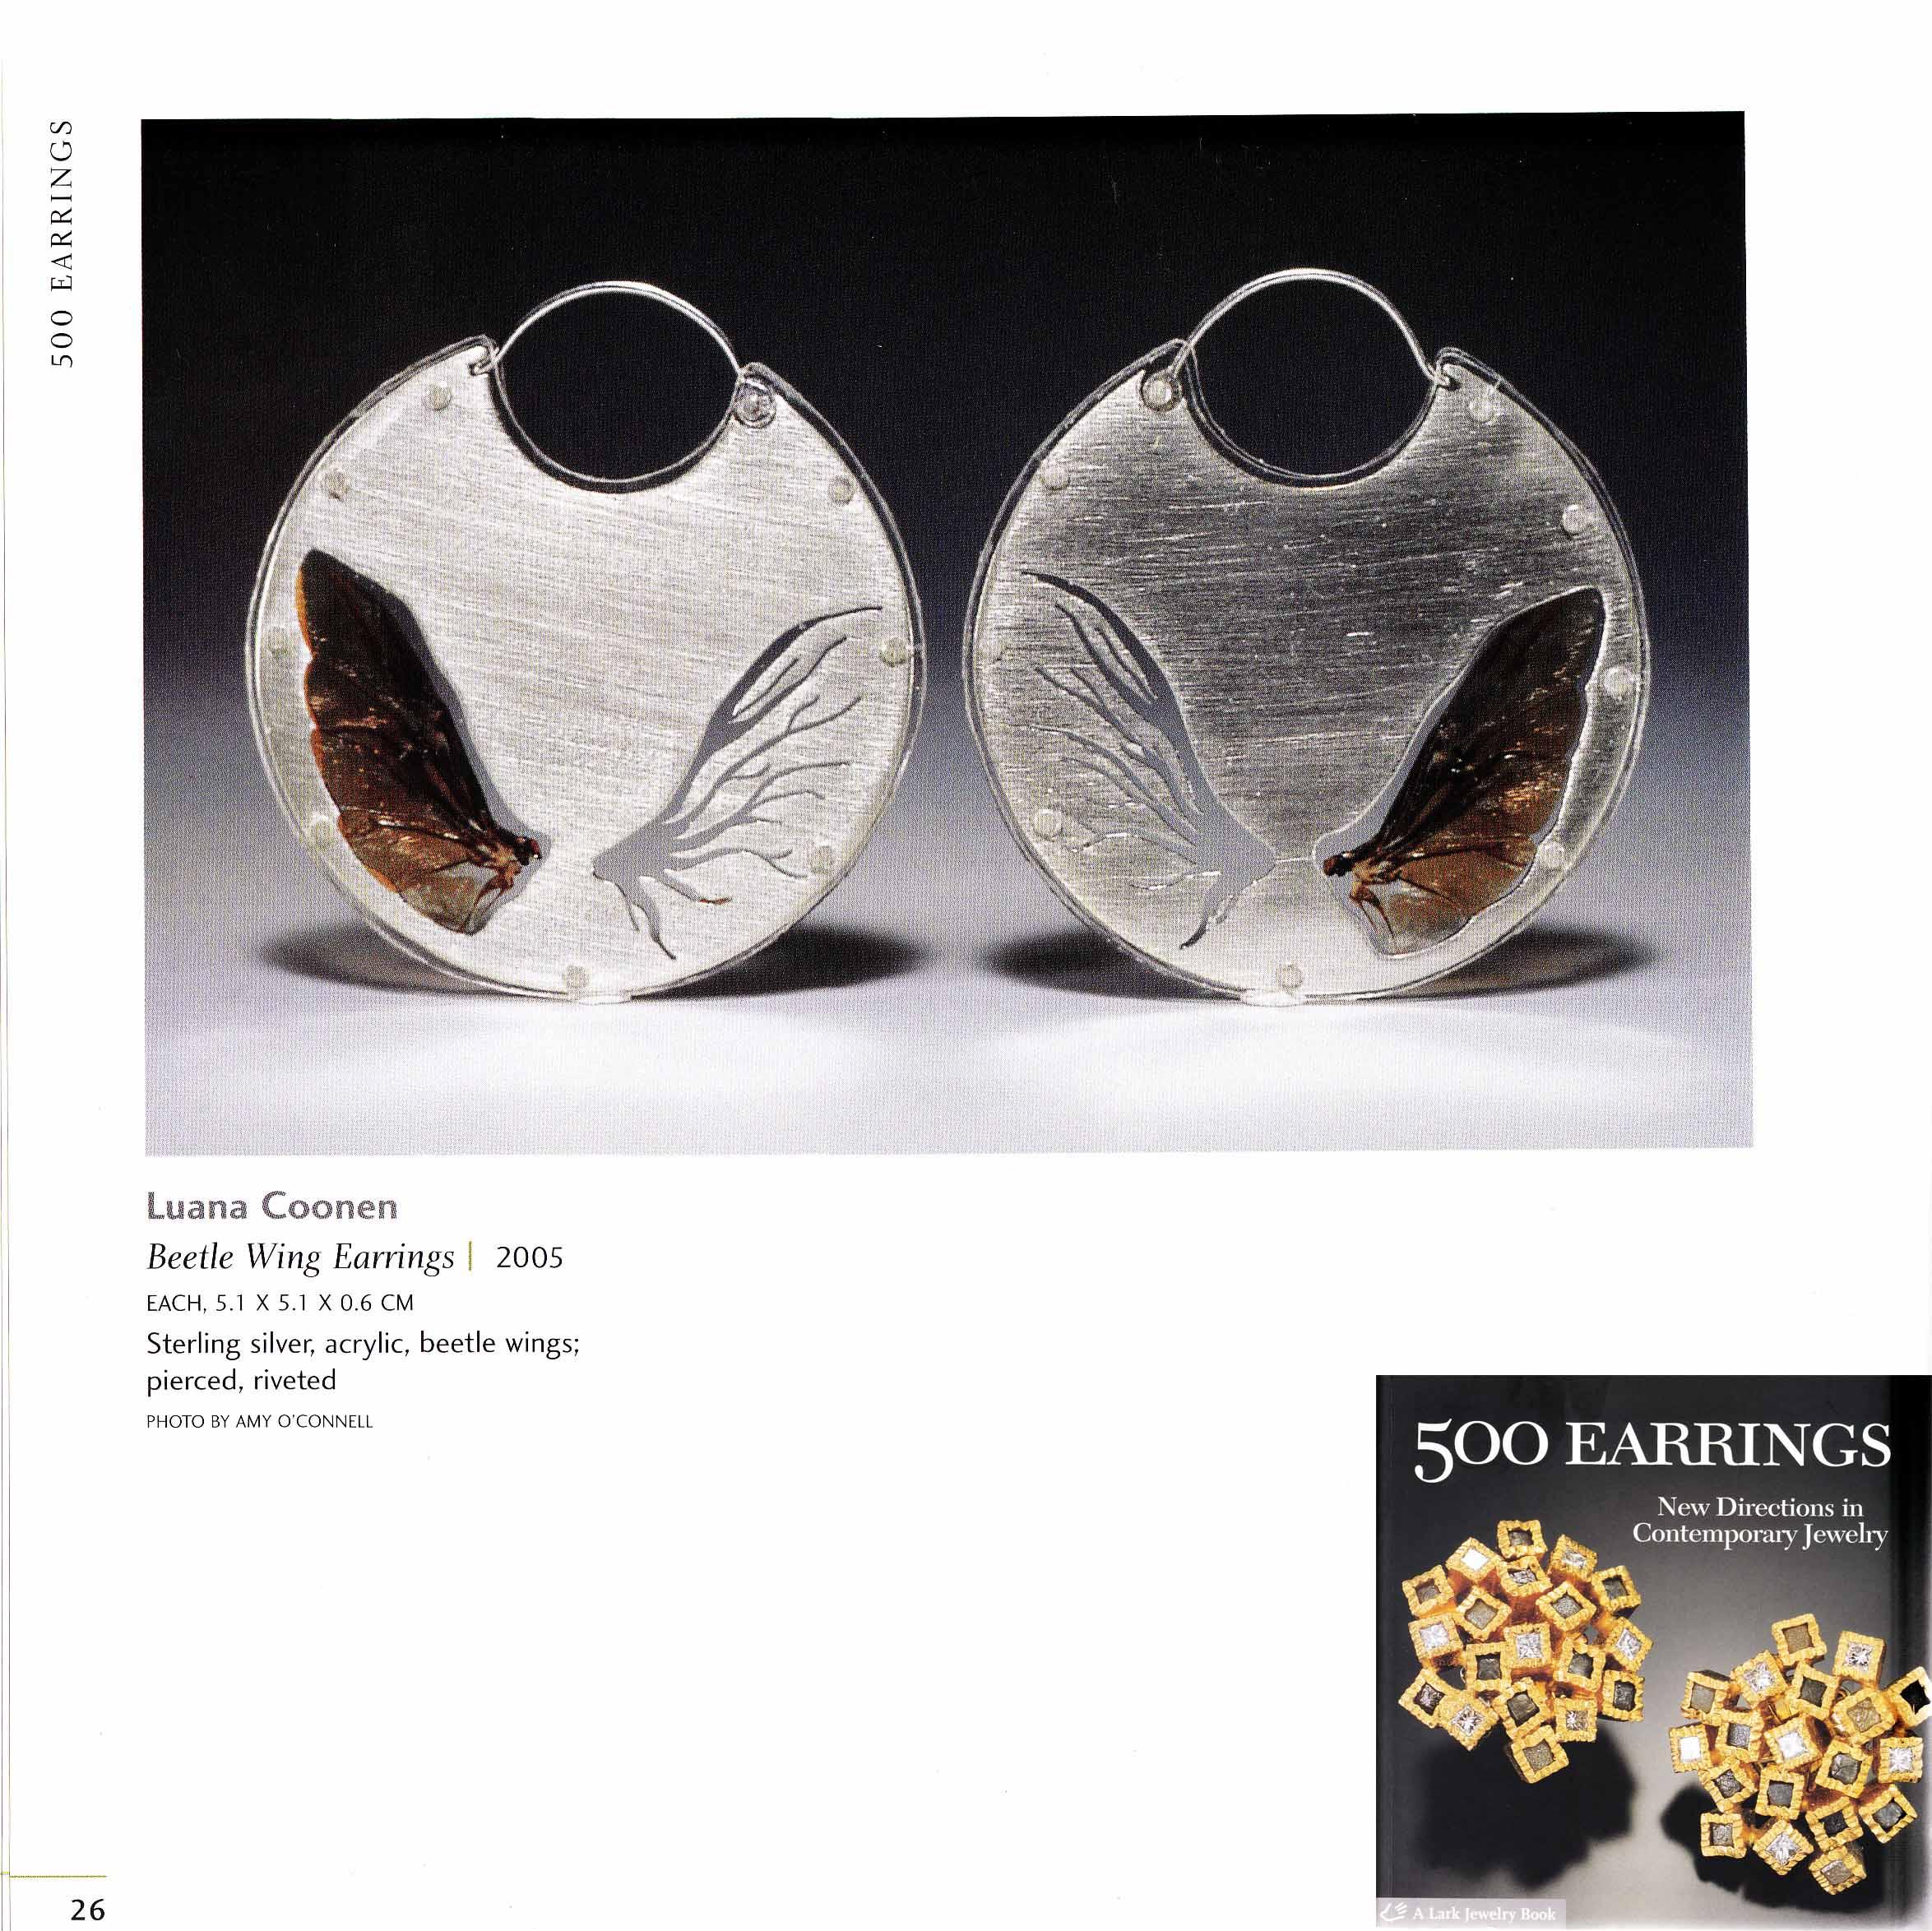 """""""Beetle Wing Earrings"""" featured in  500 Earrings  publication"""